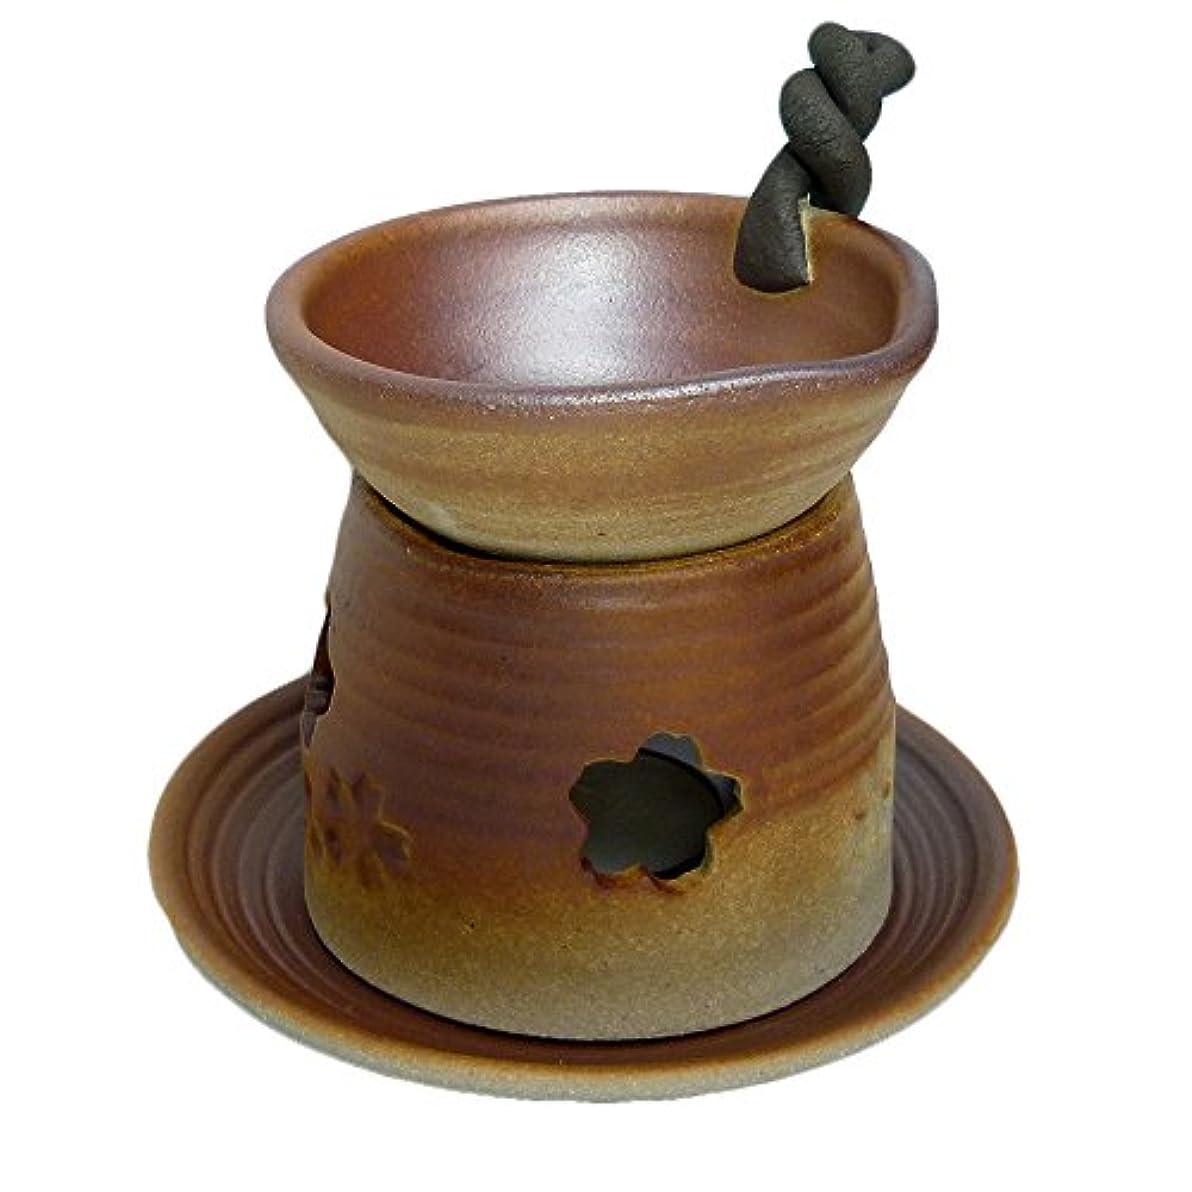 堀出発操る香炉 錆吹き 手付茶香炉 [H13.5cm] HANDMADE プレゼント ギフト 和食器 かわいい インテリア